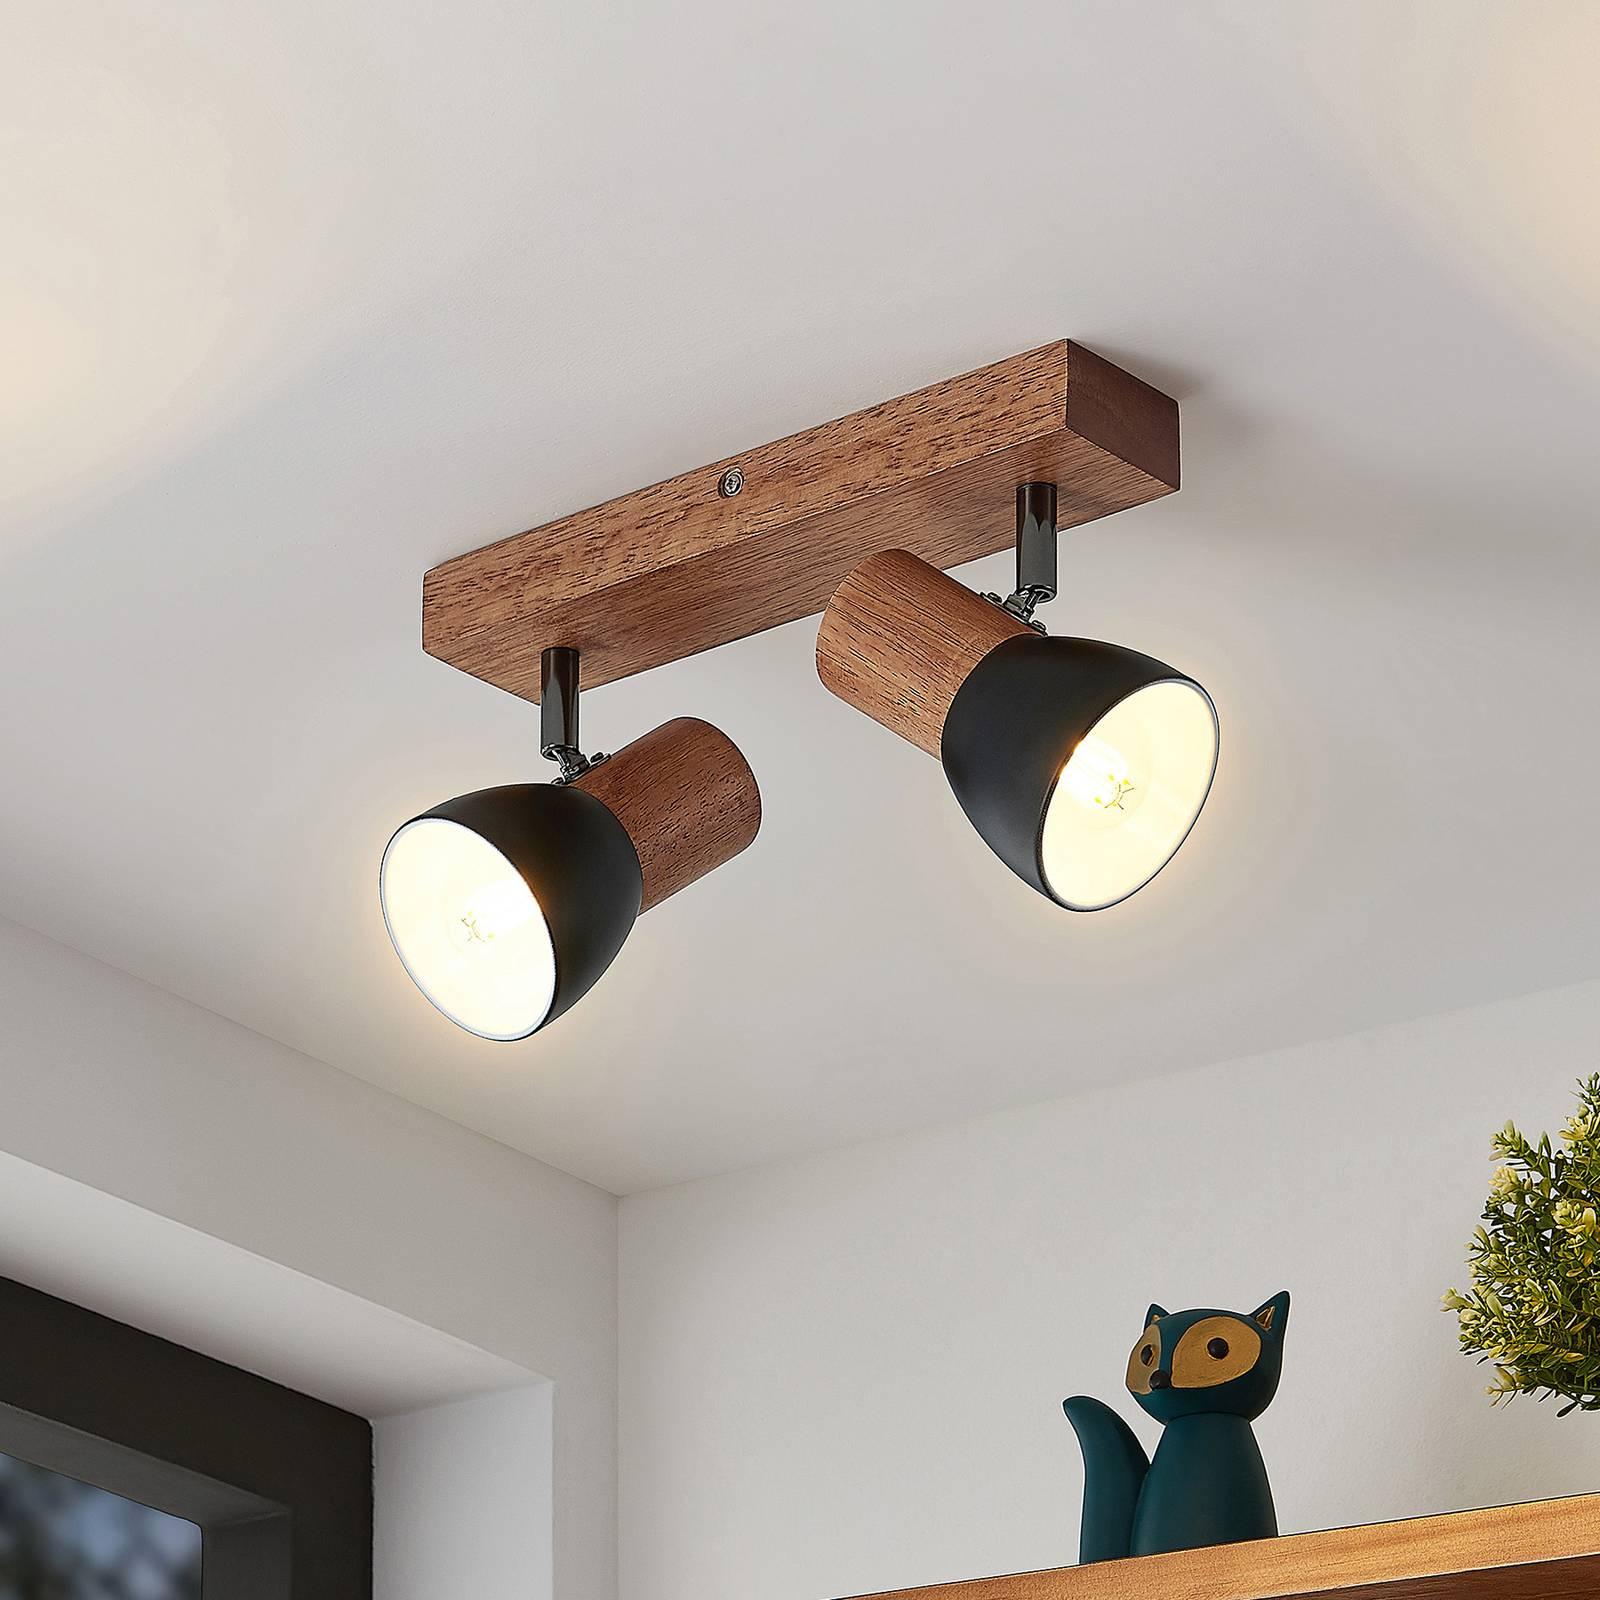 Lindby Lindby Tonja stropní reflektor se dřevem, 2 zdroje